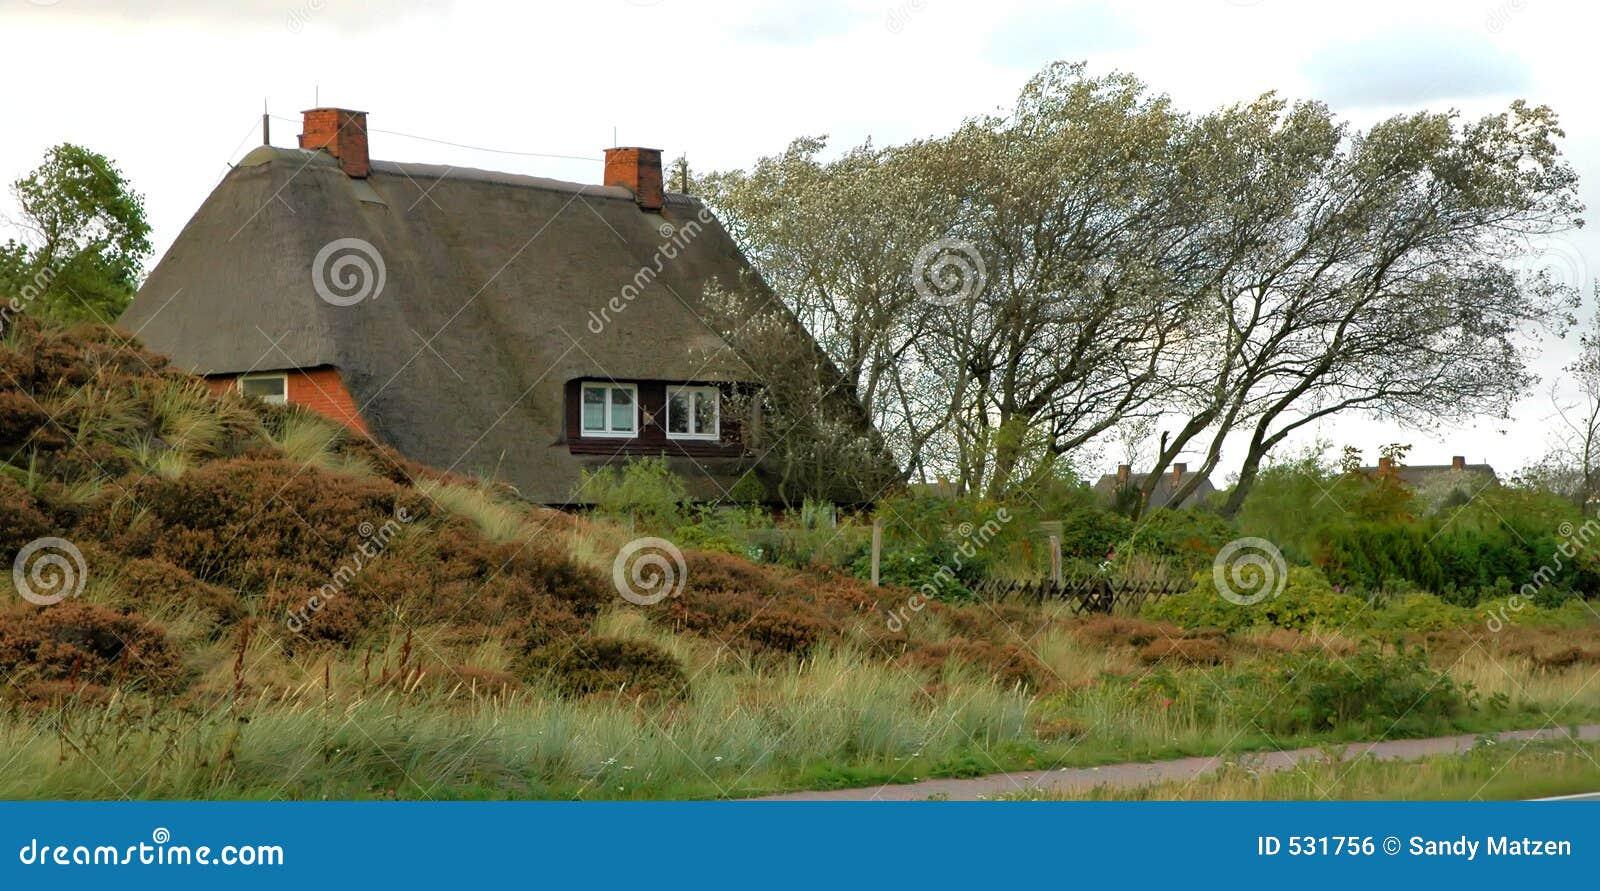 Le toit a couvert la maison de chaume